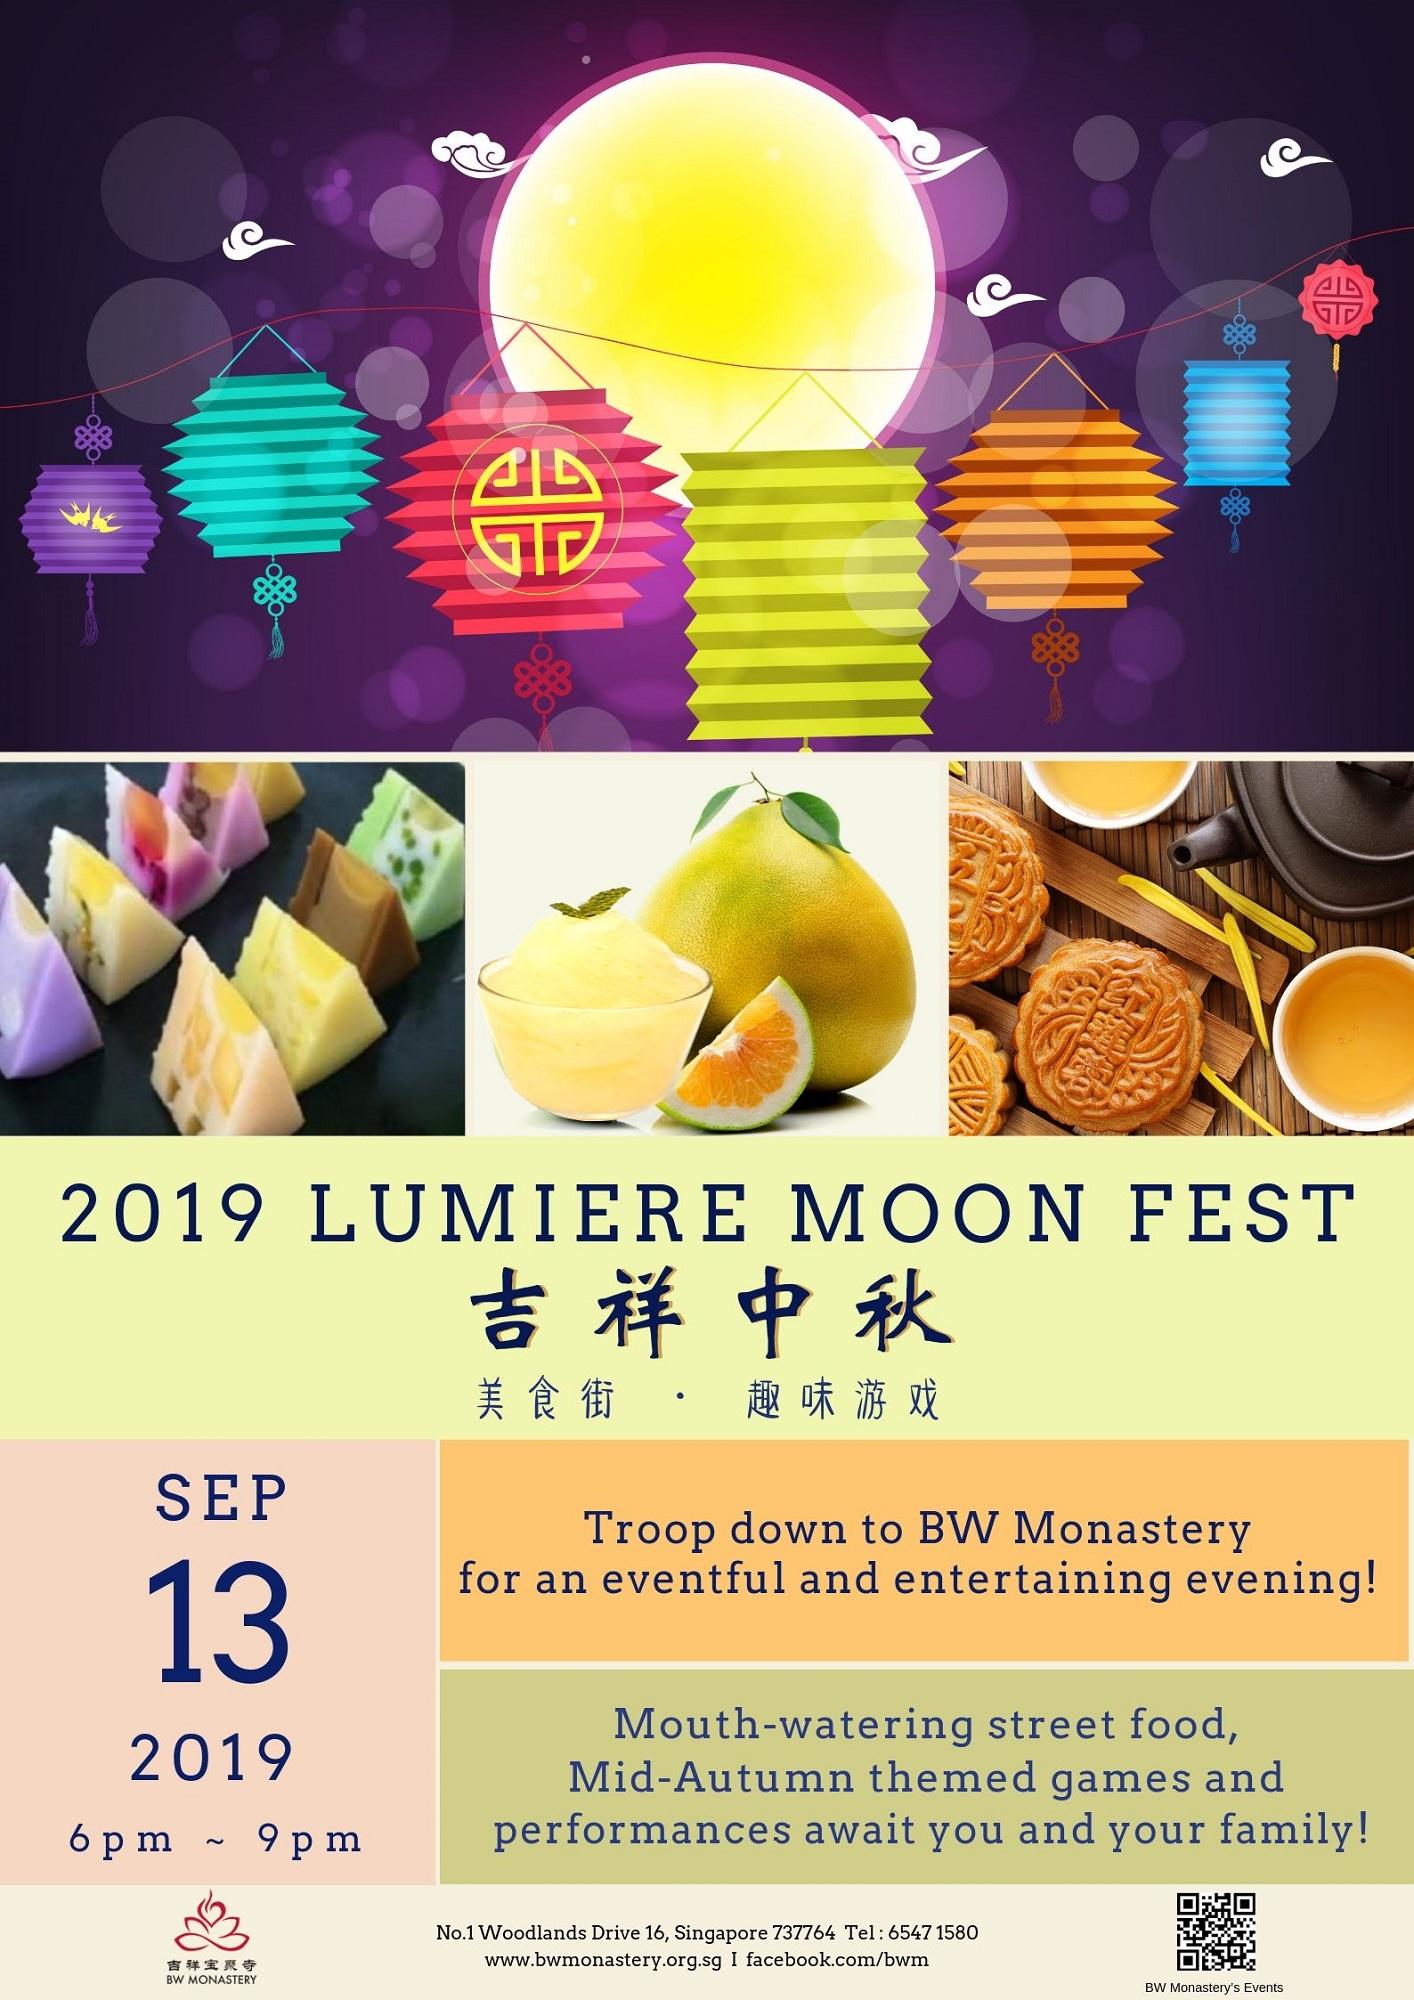 2019 Lumiere Moon Fest.jpg